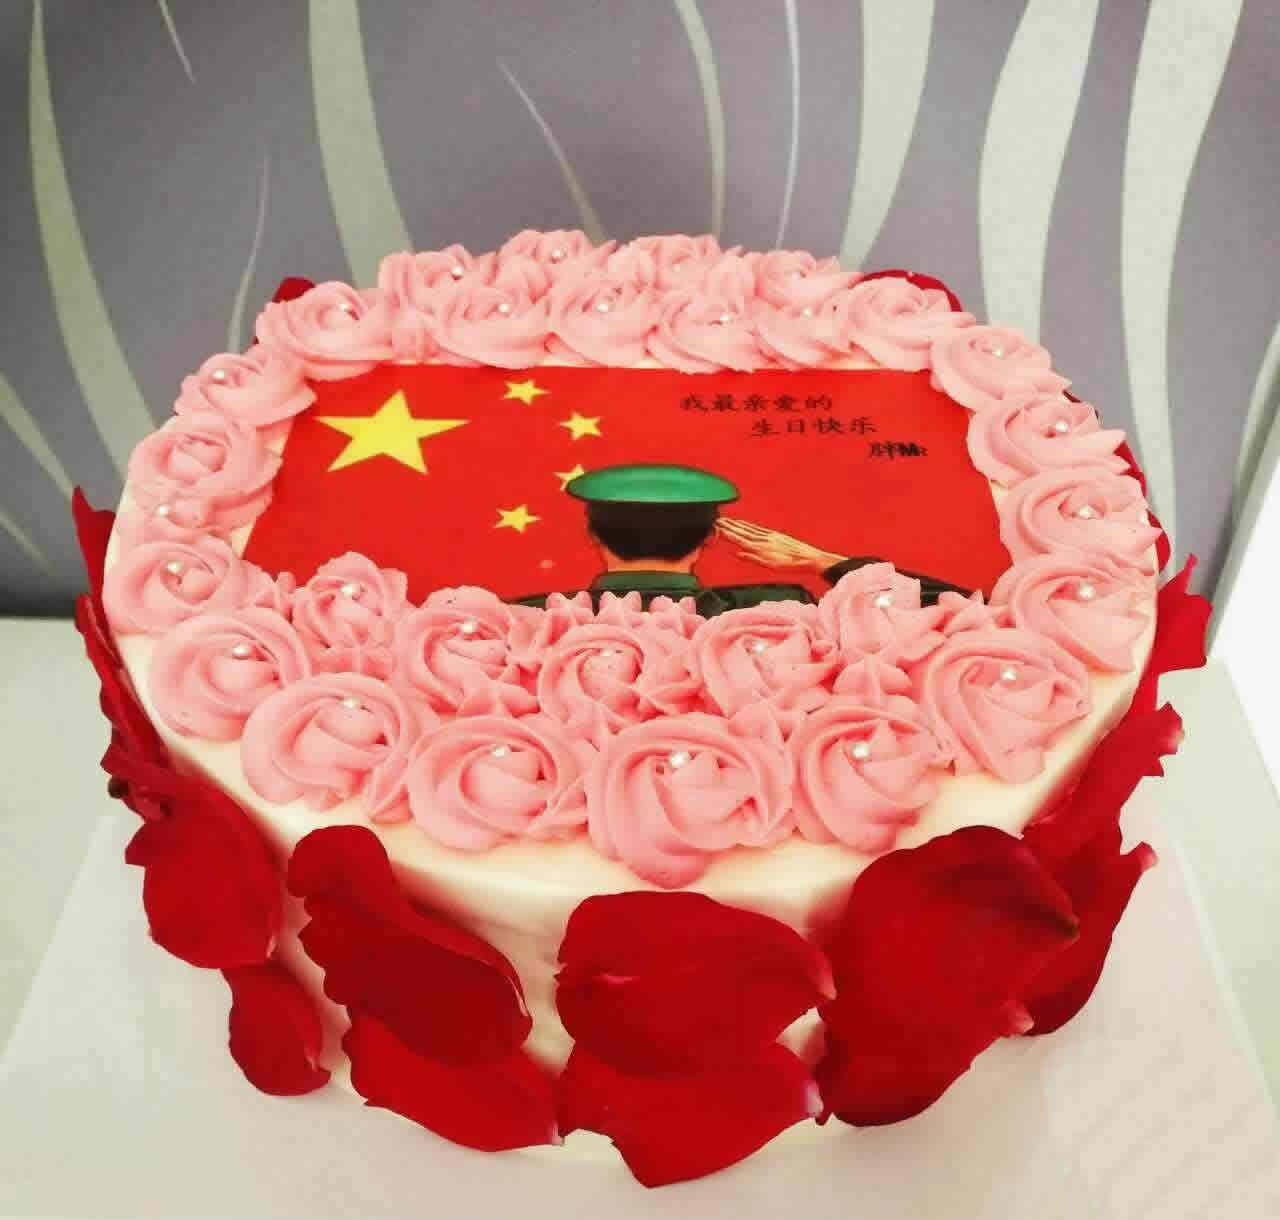 人民币蛋糕-红旗飘飘